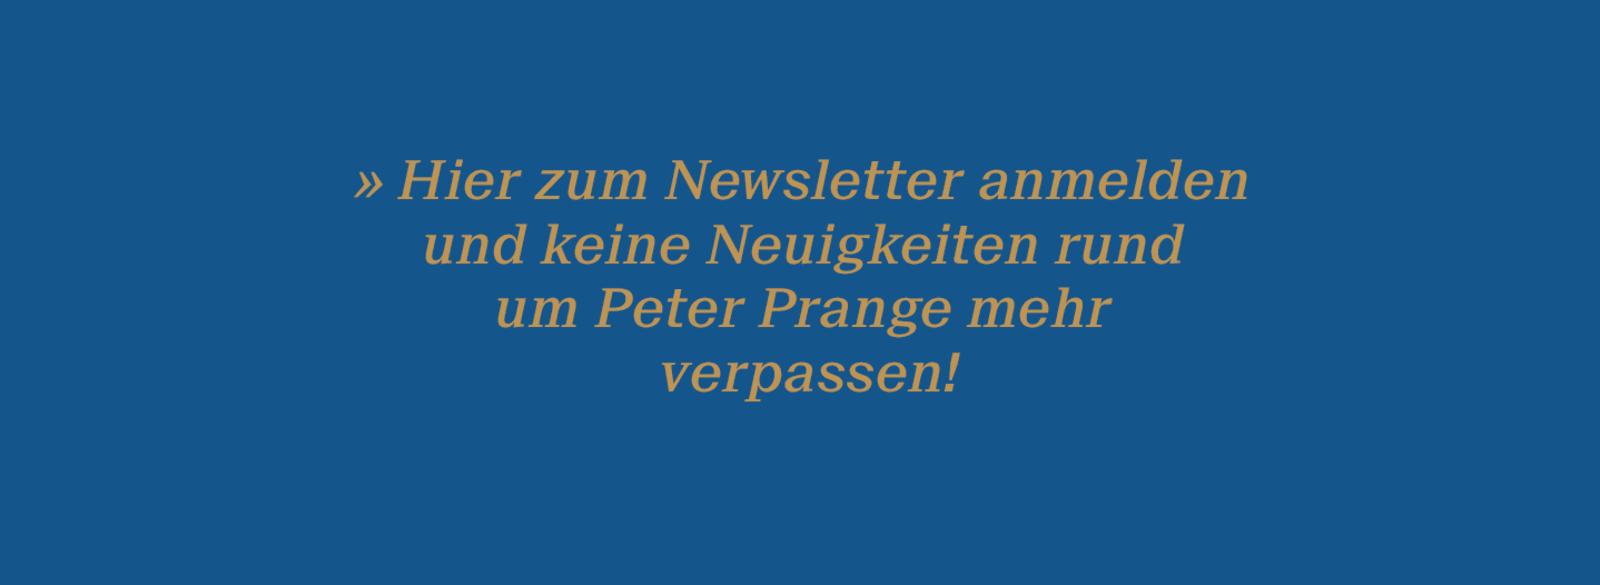 Newsletter Peter Prange Banner